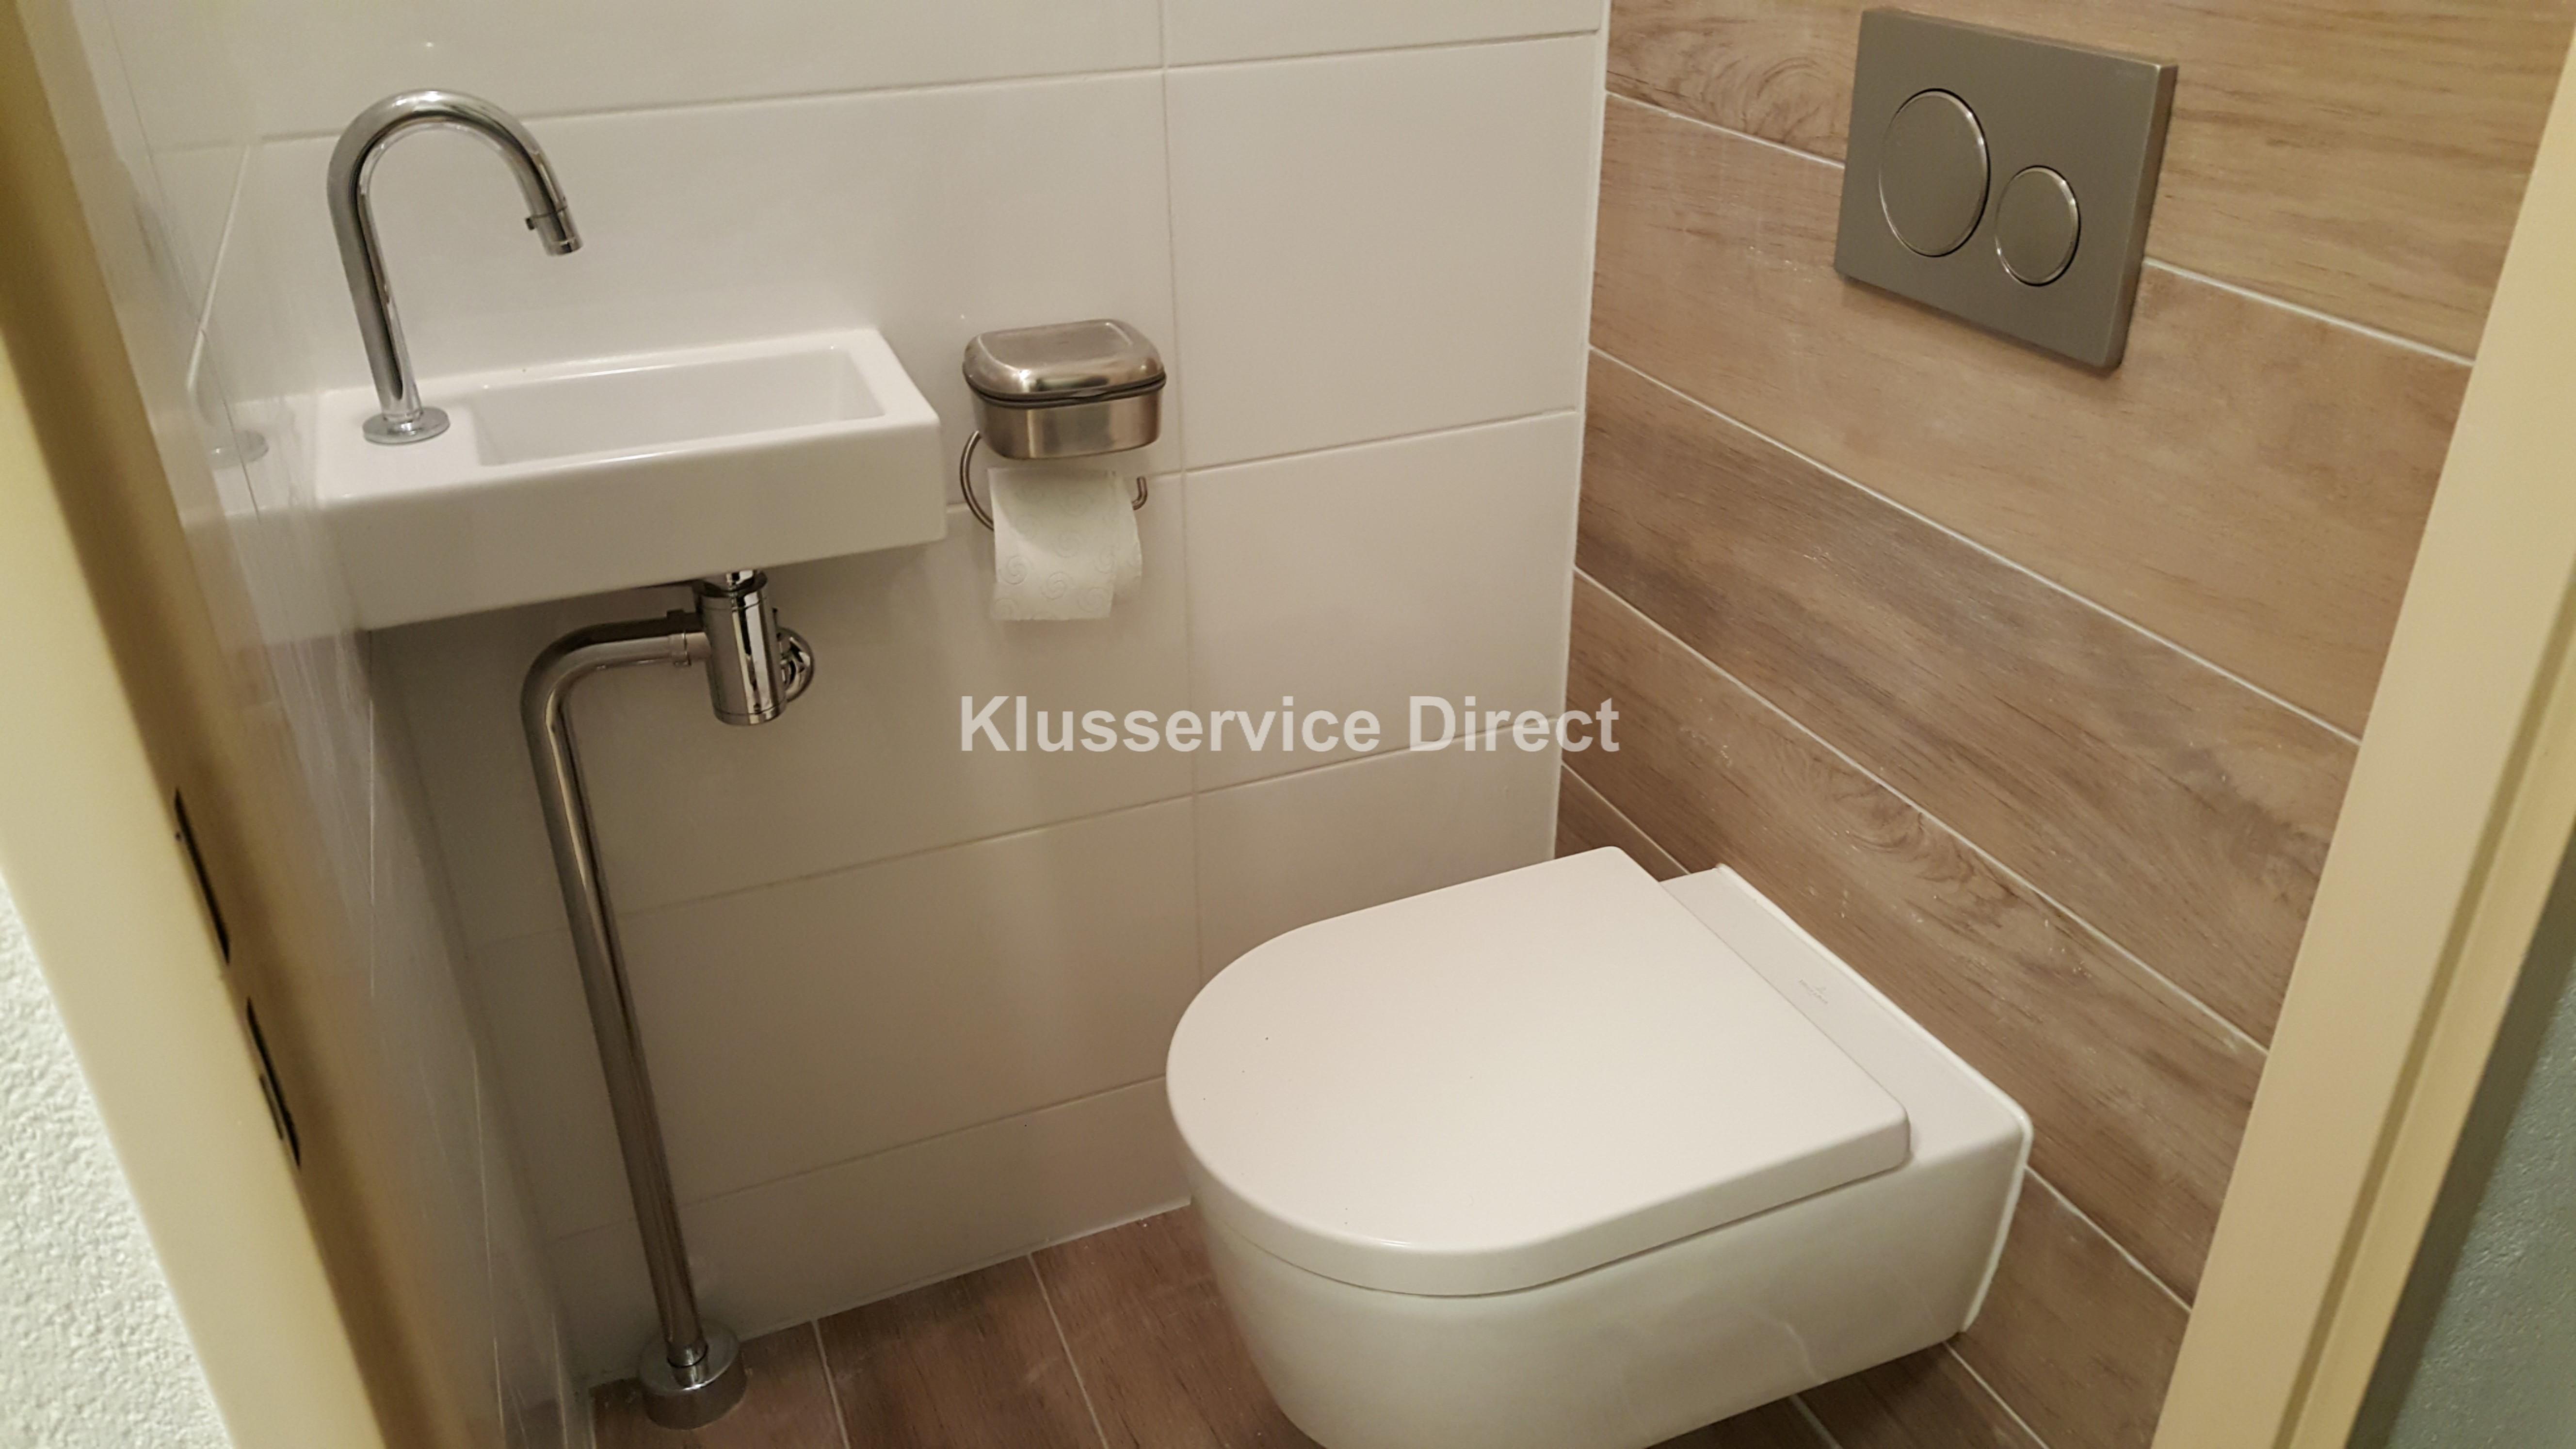 Toilet Renovatie Kosten : Wc renovatie klusservicedirect